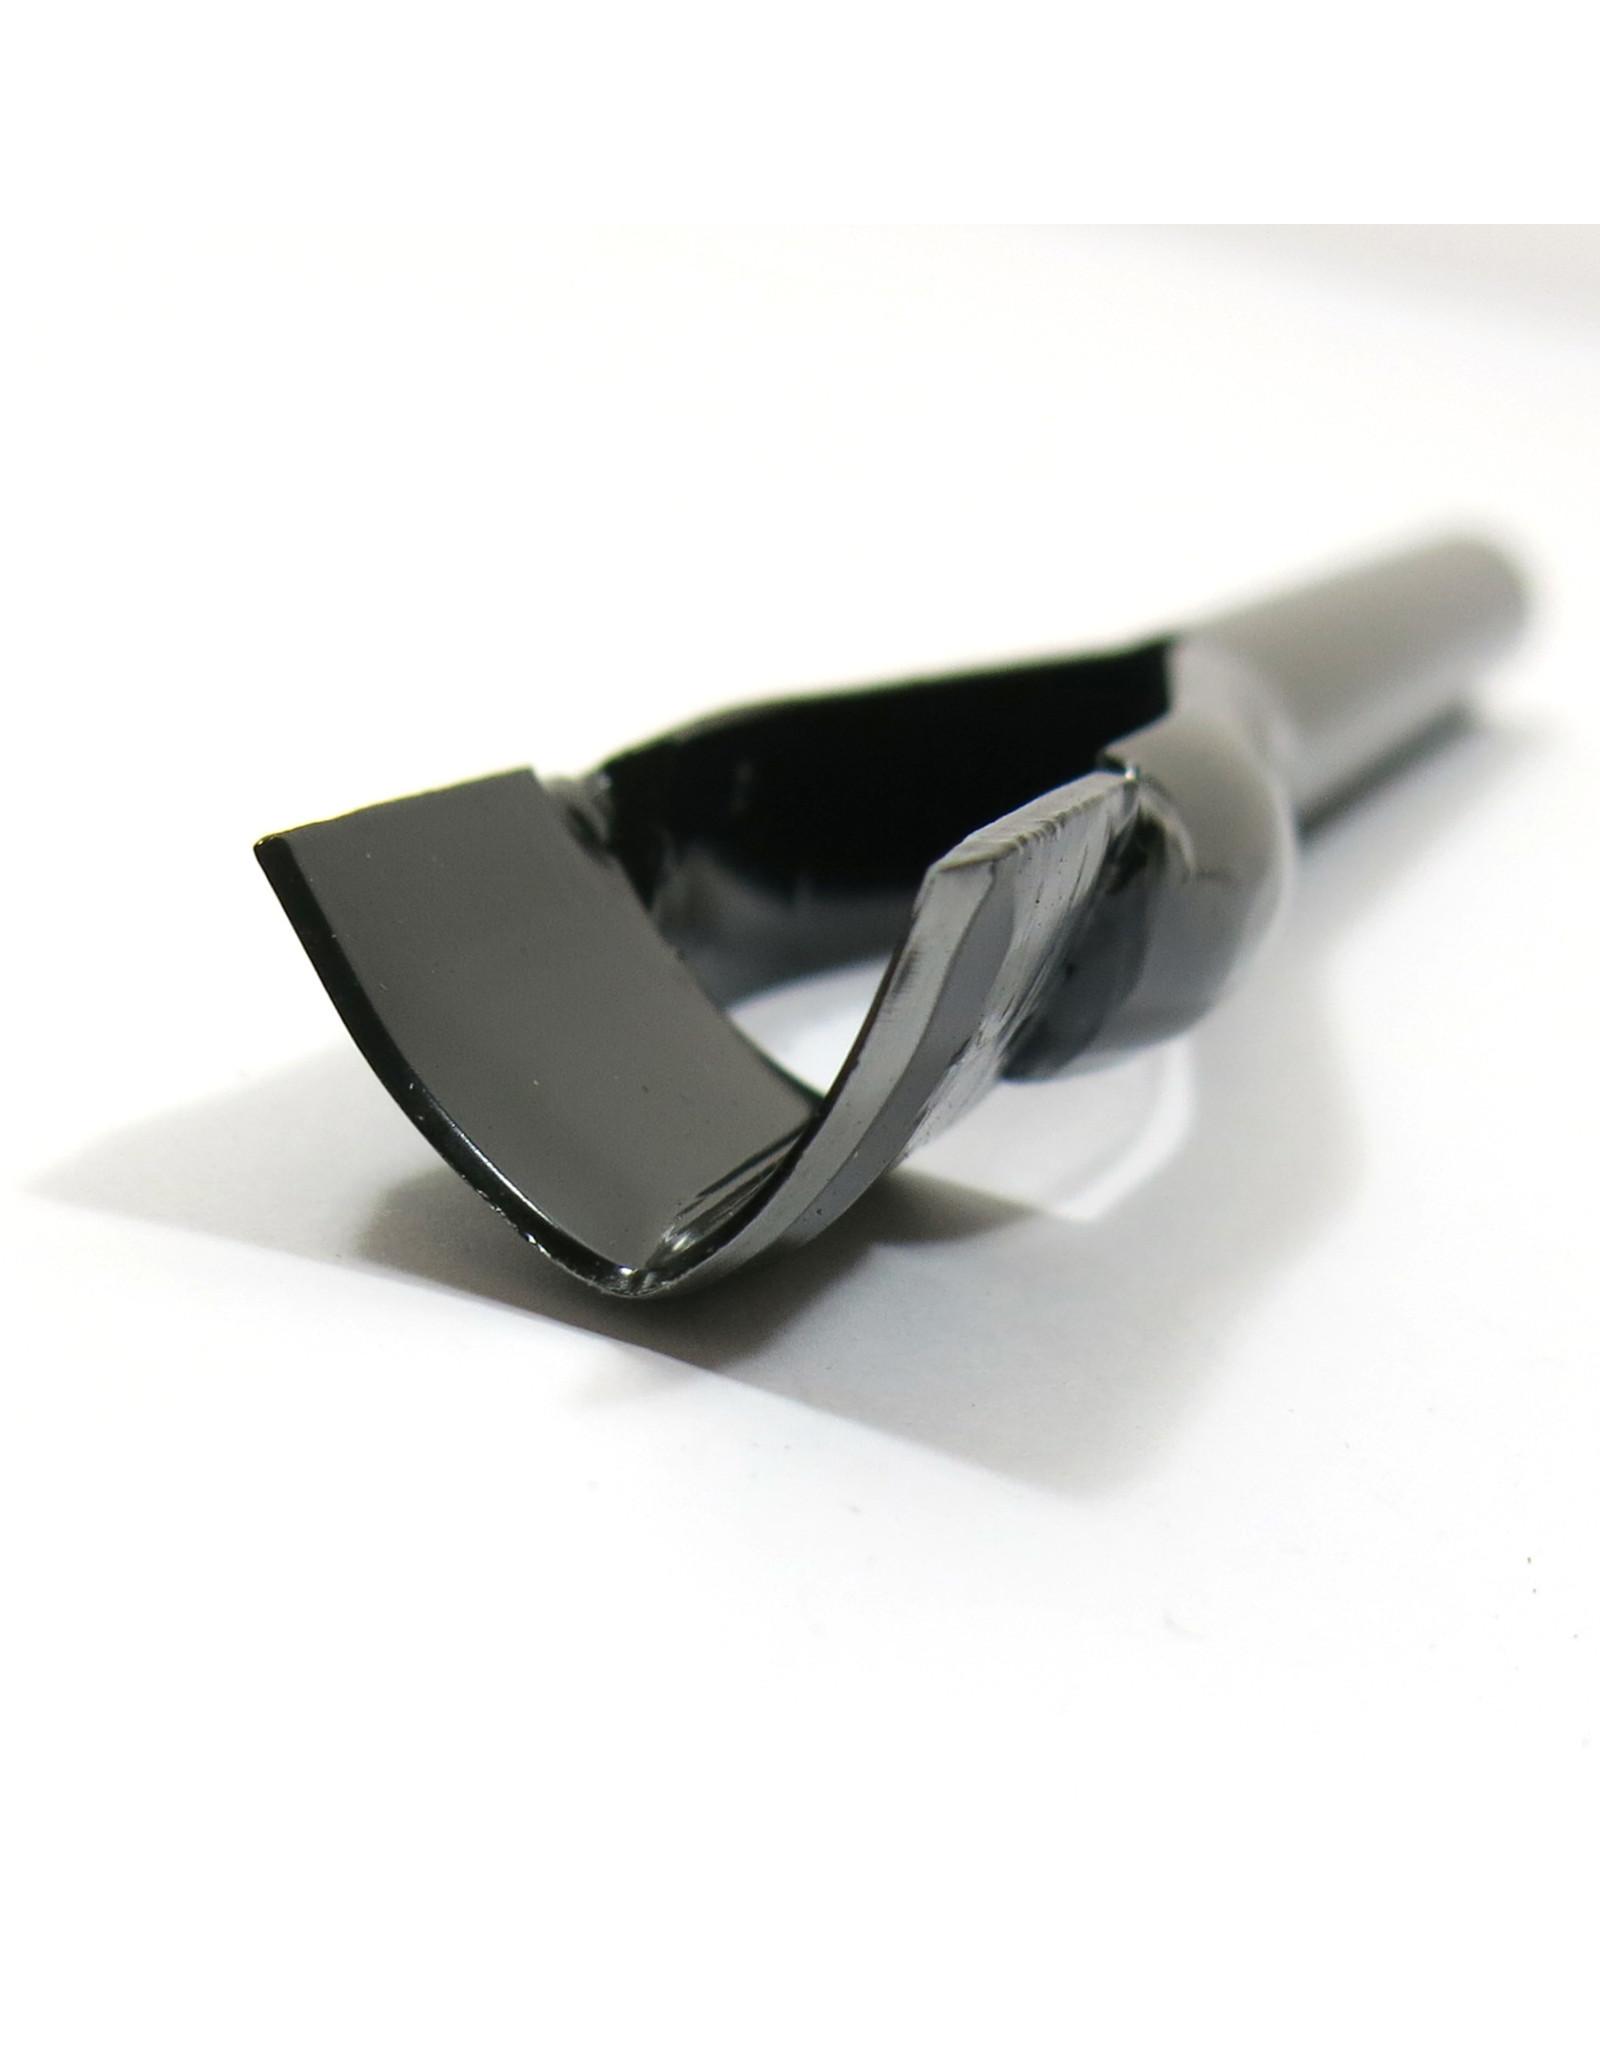 Eindkapper voor riemen 15mm (spits)